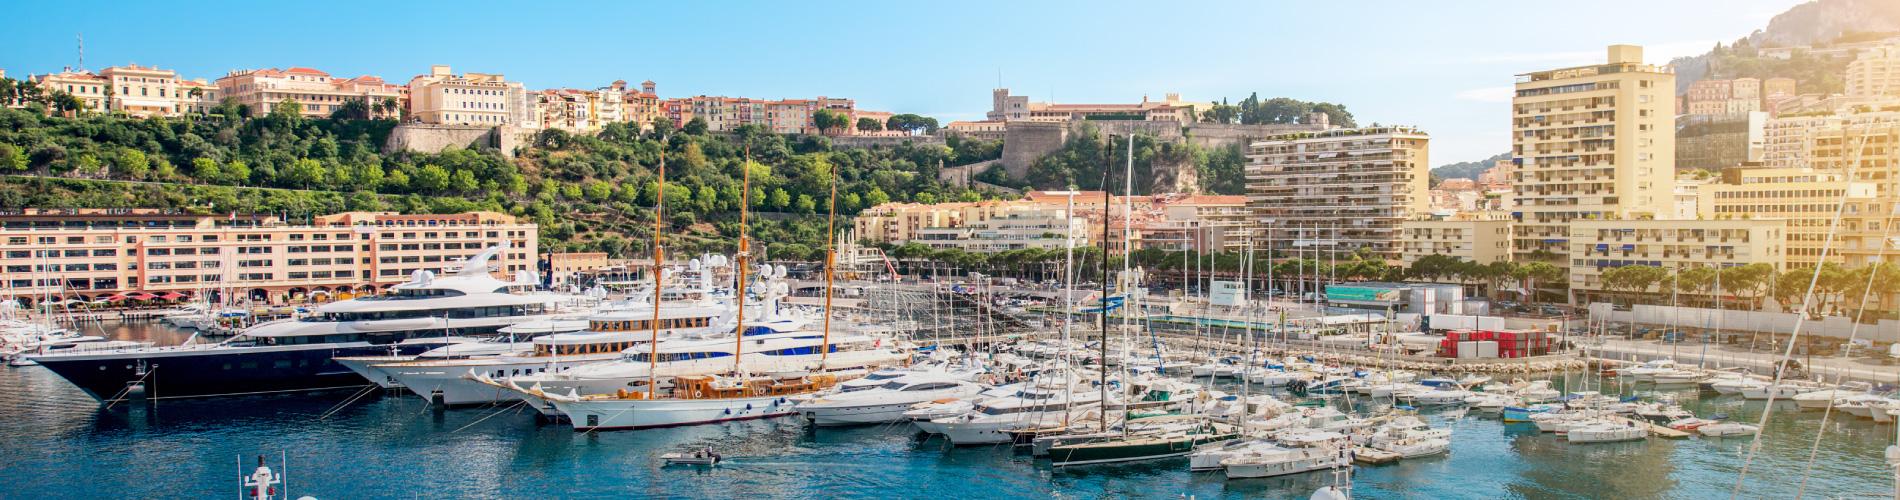 Business Time : La place du yachting a Monaco